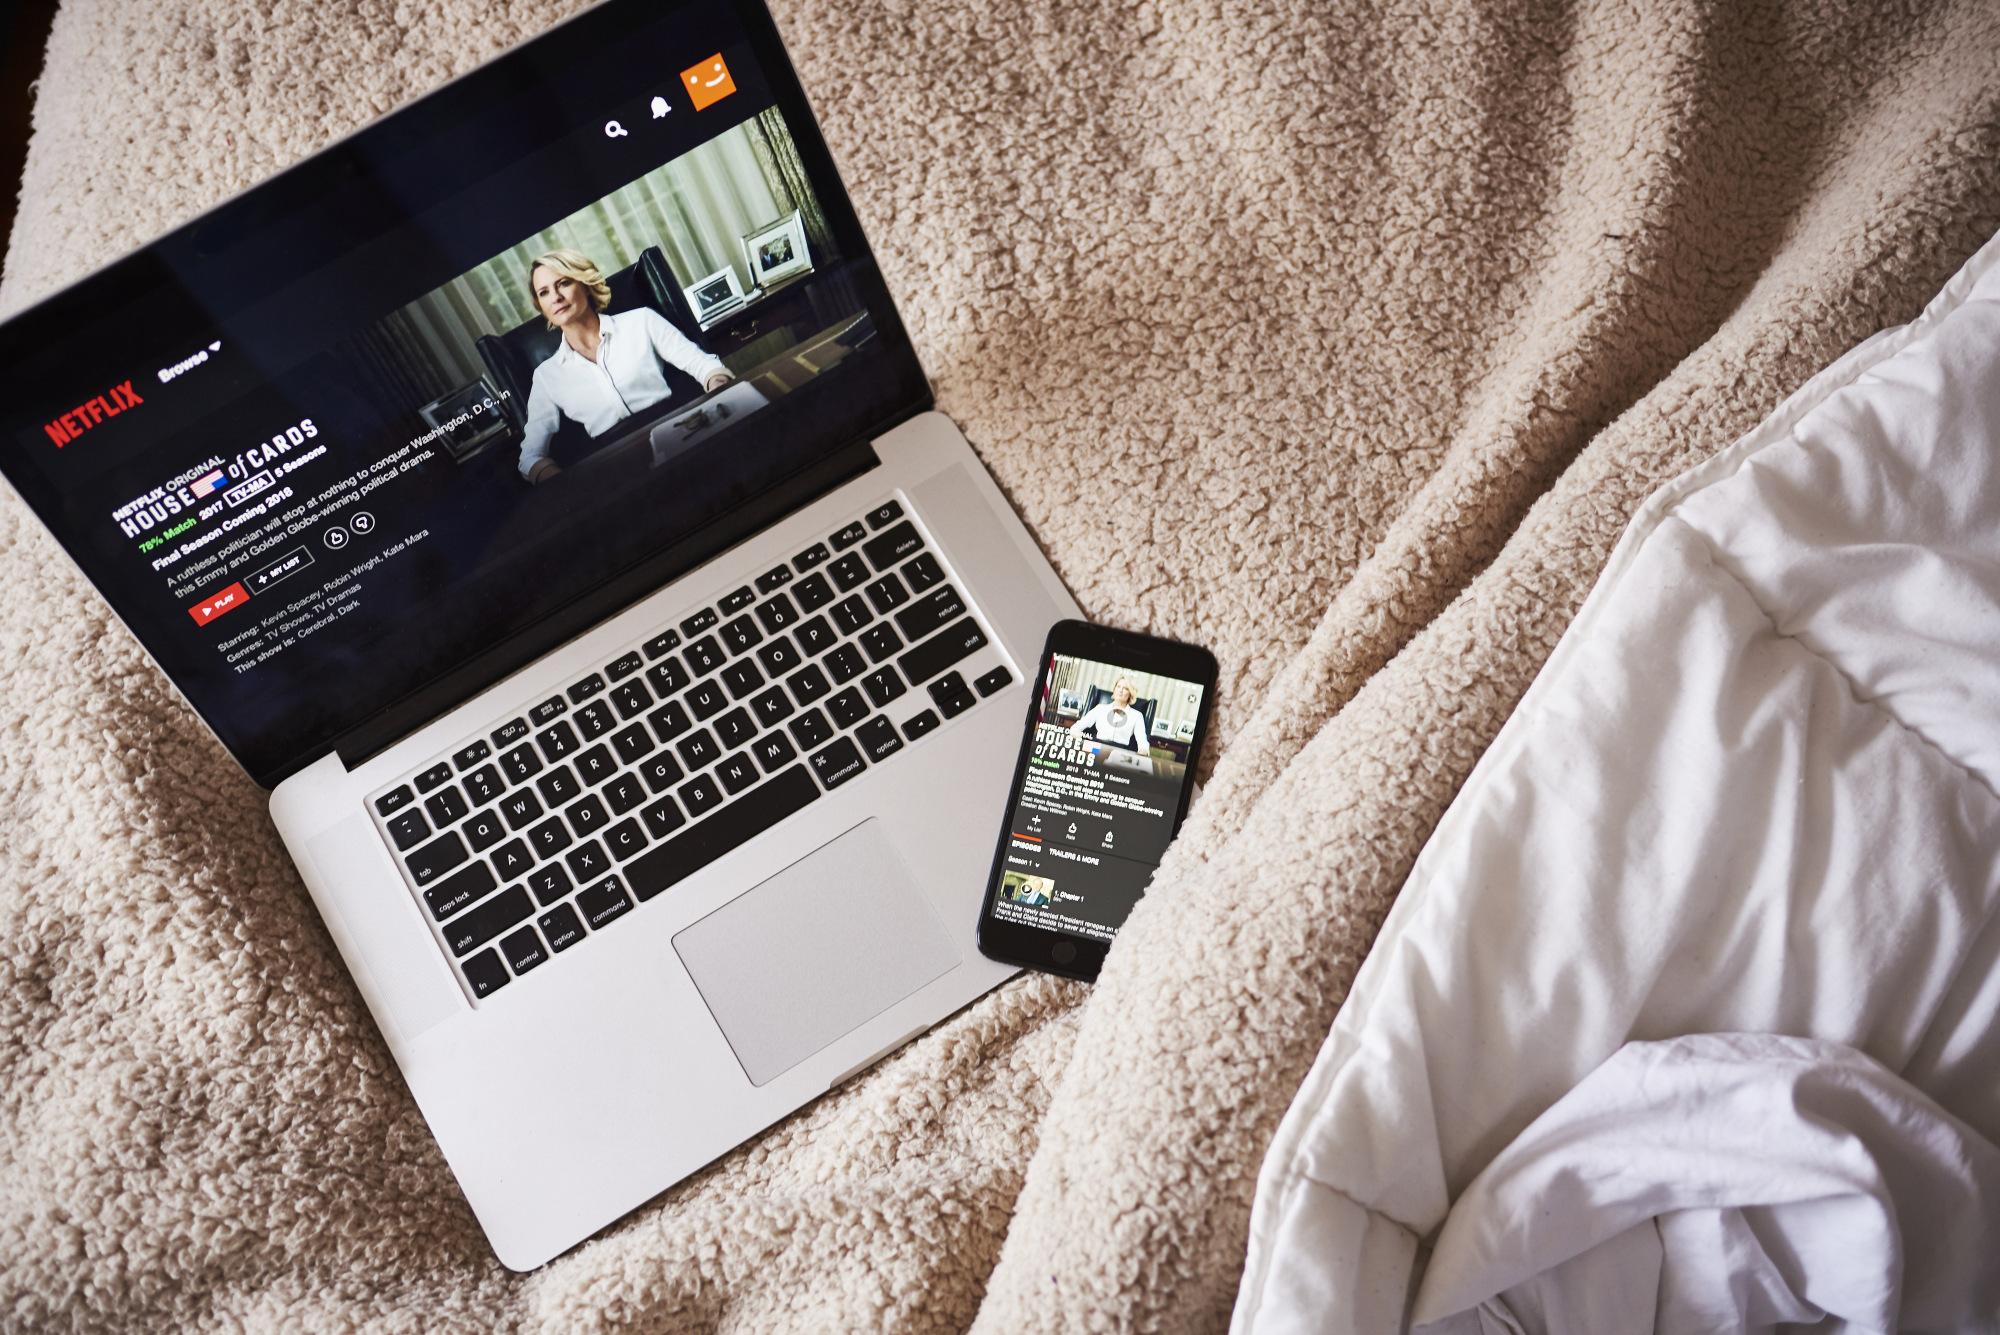 Netflix's Biggest Bingers Get Hit With Higher Costs - Bloomberg